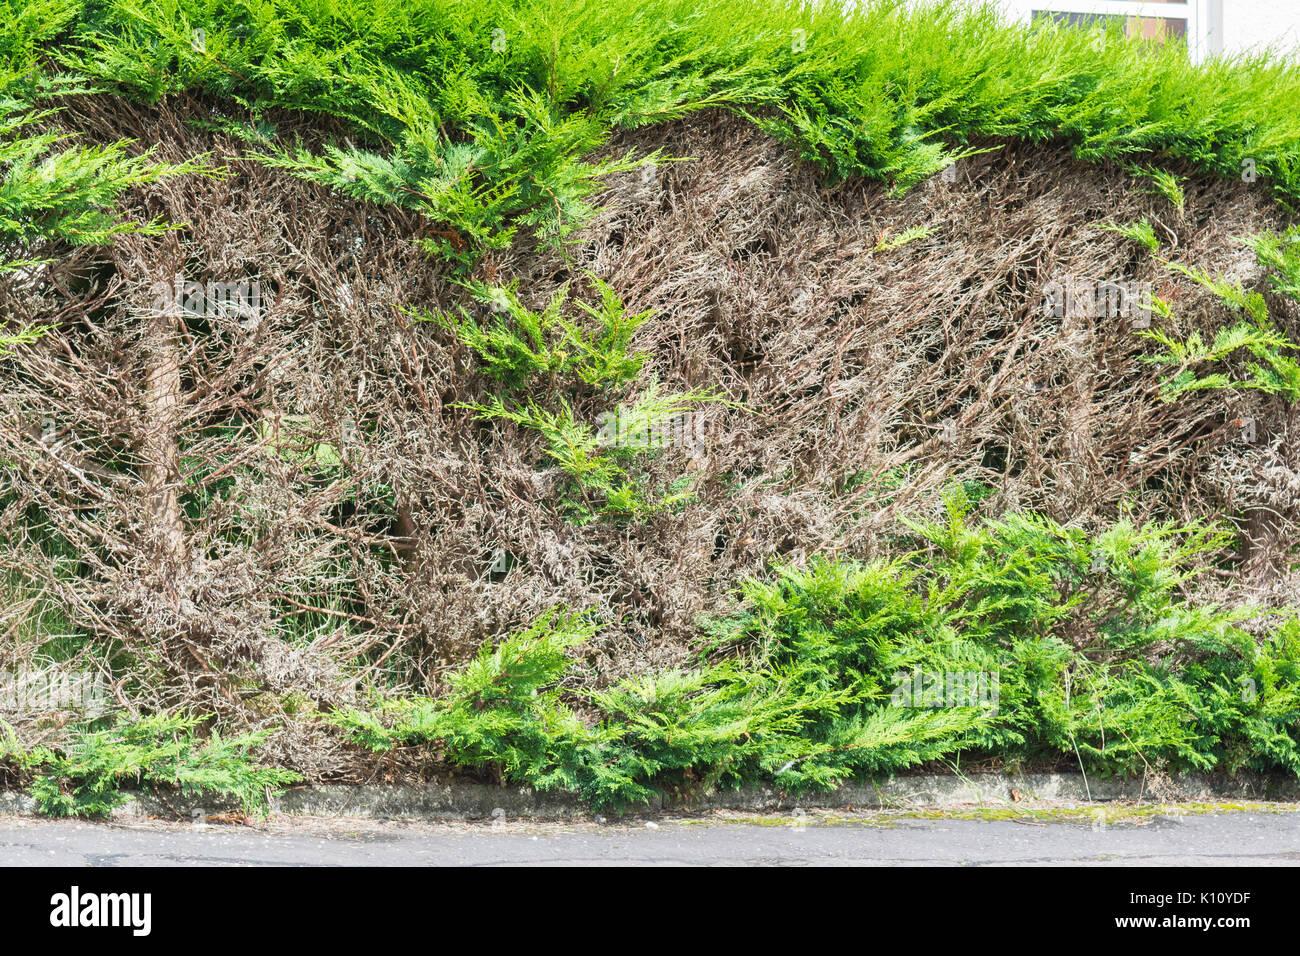 Siepe di conifere con patch nude dopo il taglio in legno vecchio Immagini Stock